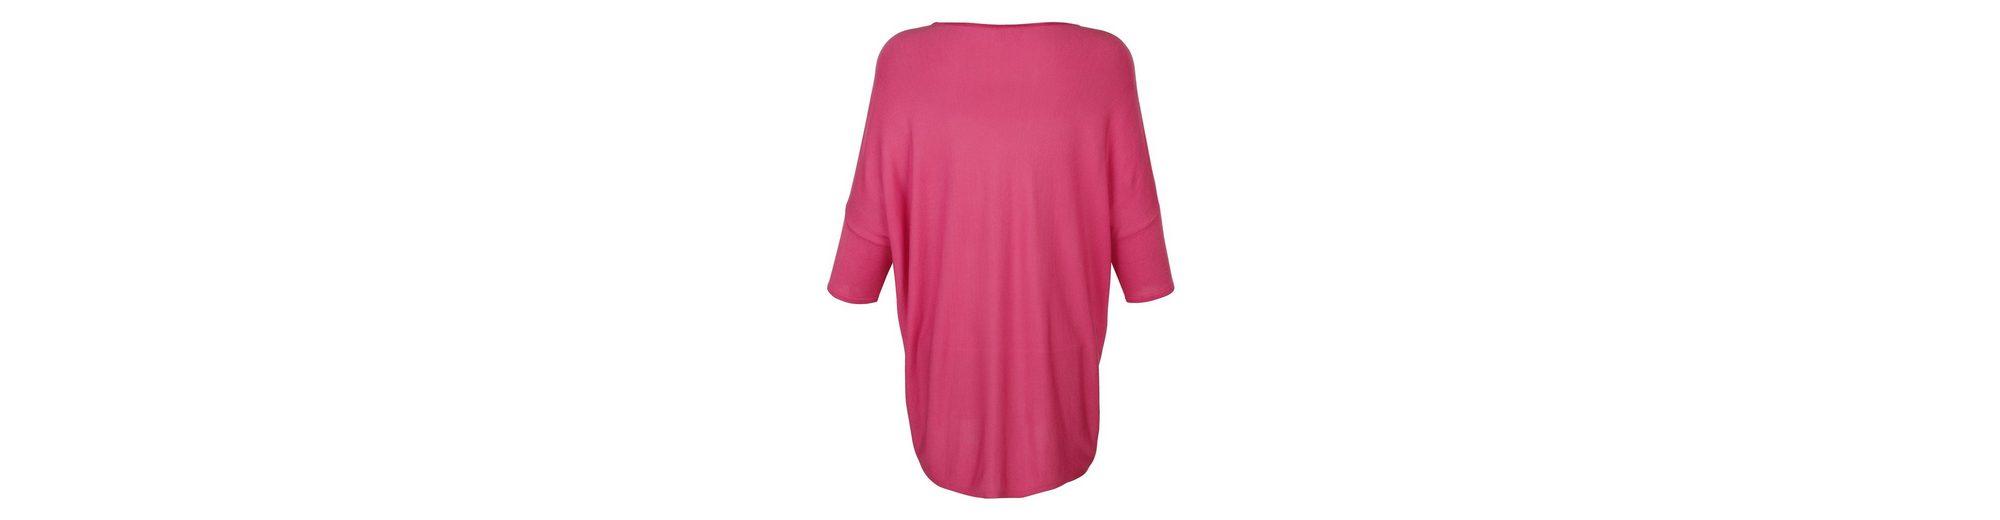 Billig Verkauf Genießen Alba Moda Pullover in leichter Oversized-Form Offizielle Seite Günstig Kaufen Offizielle Seite  Wie Viel immEsWR19